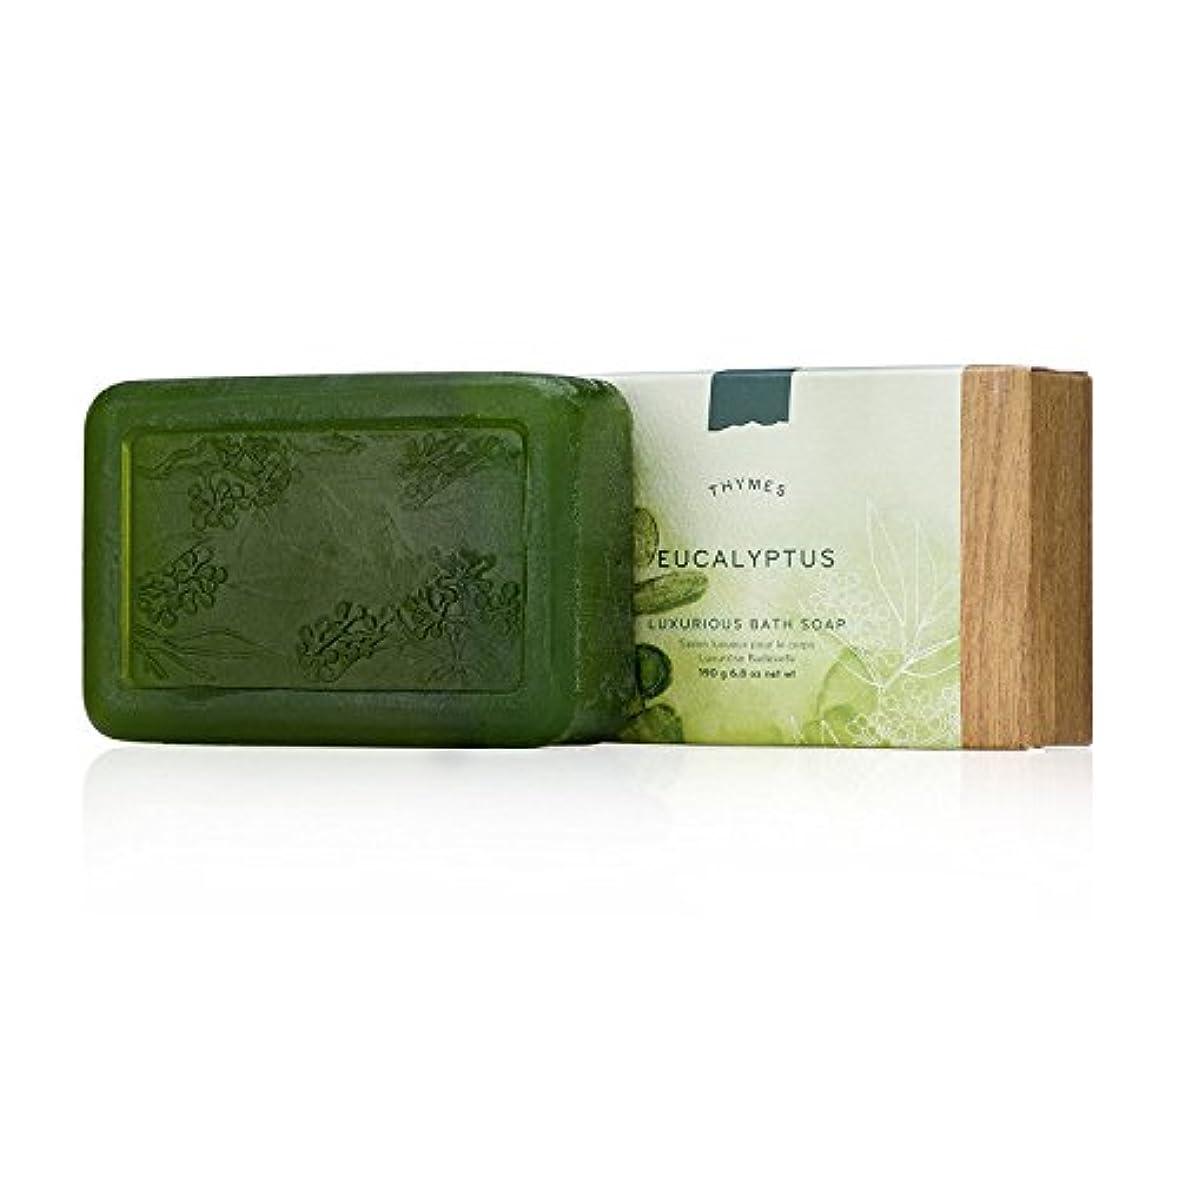 構造いろいろアボートタイムズ Eucalyptus Luxurious Bath Soap 190g/6.8oz